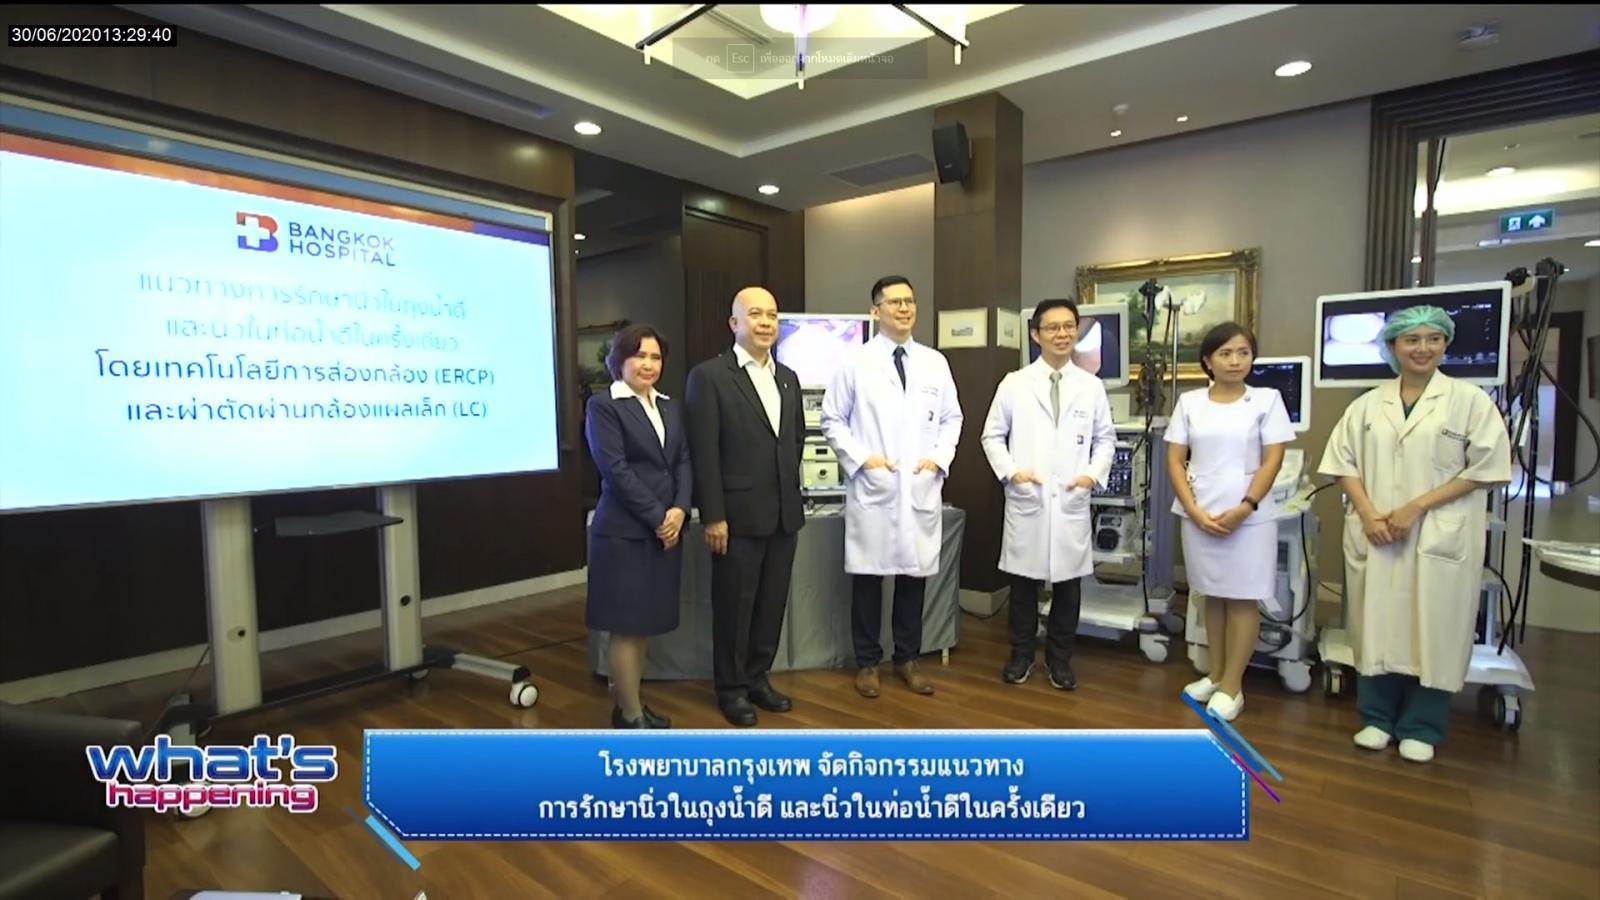 รพ.กรุงเทพจัดกิจกรรมแนวทางการรักษานิ่วในถุงน้ำดี โดยเทคโนโลยีการส่องกล้อง